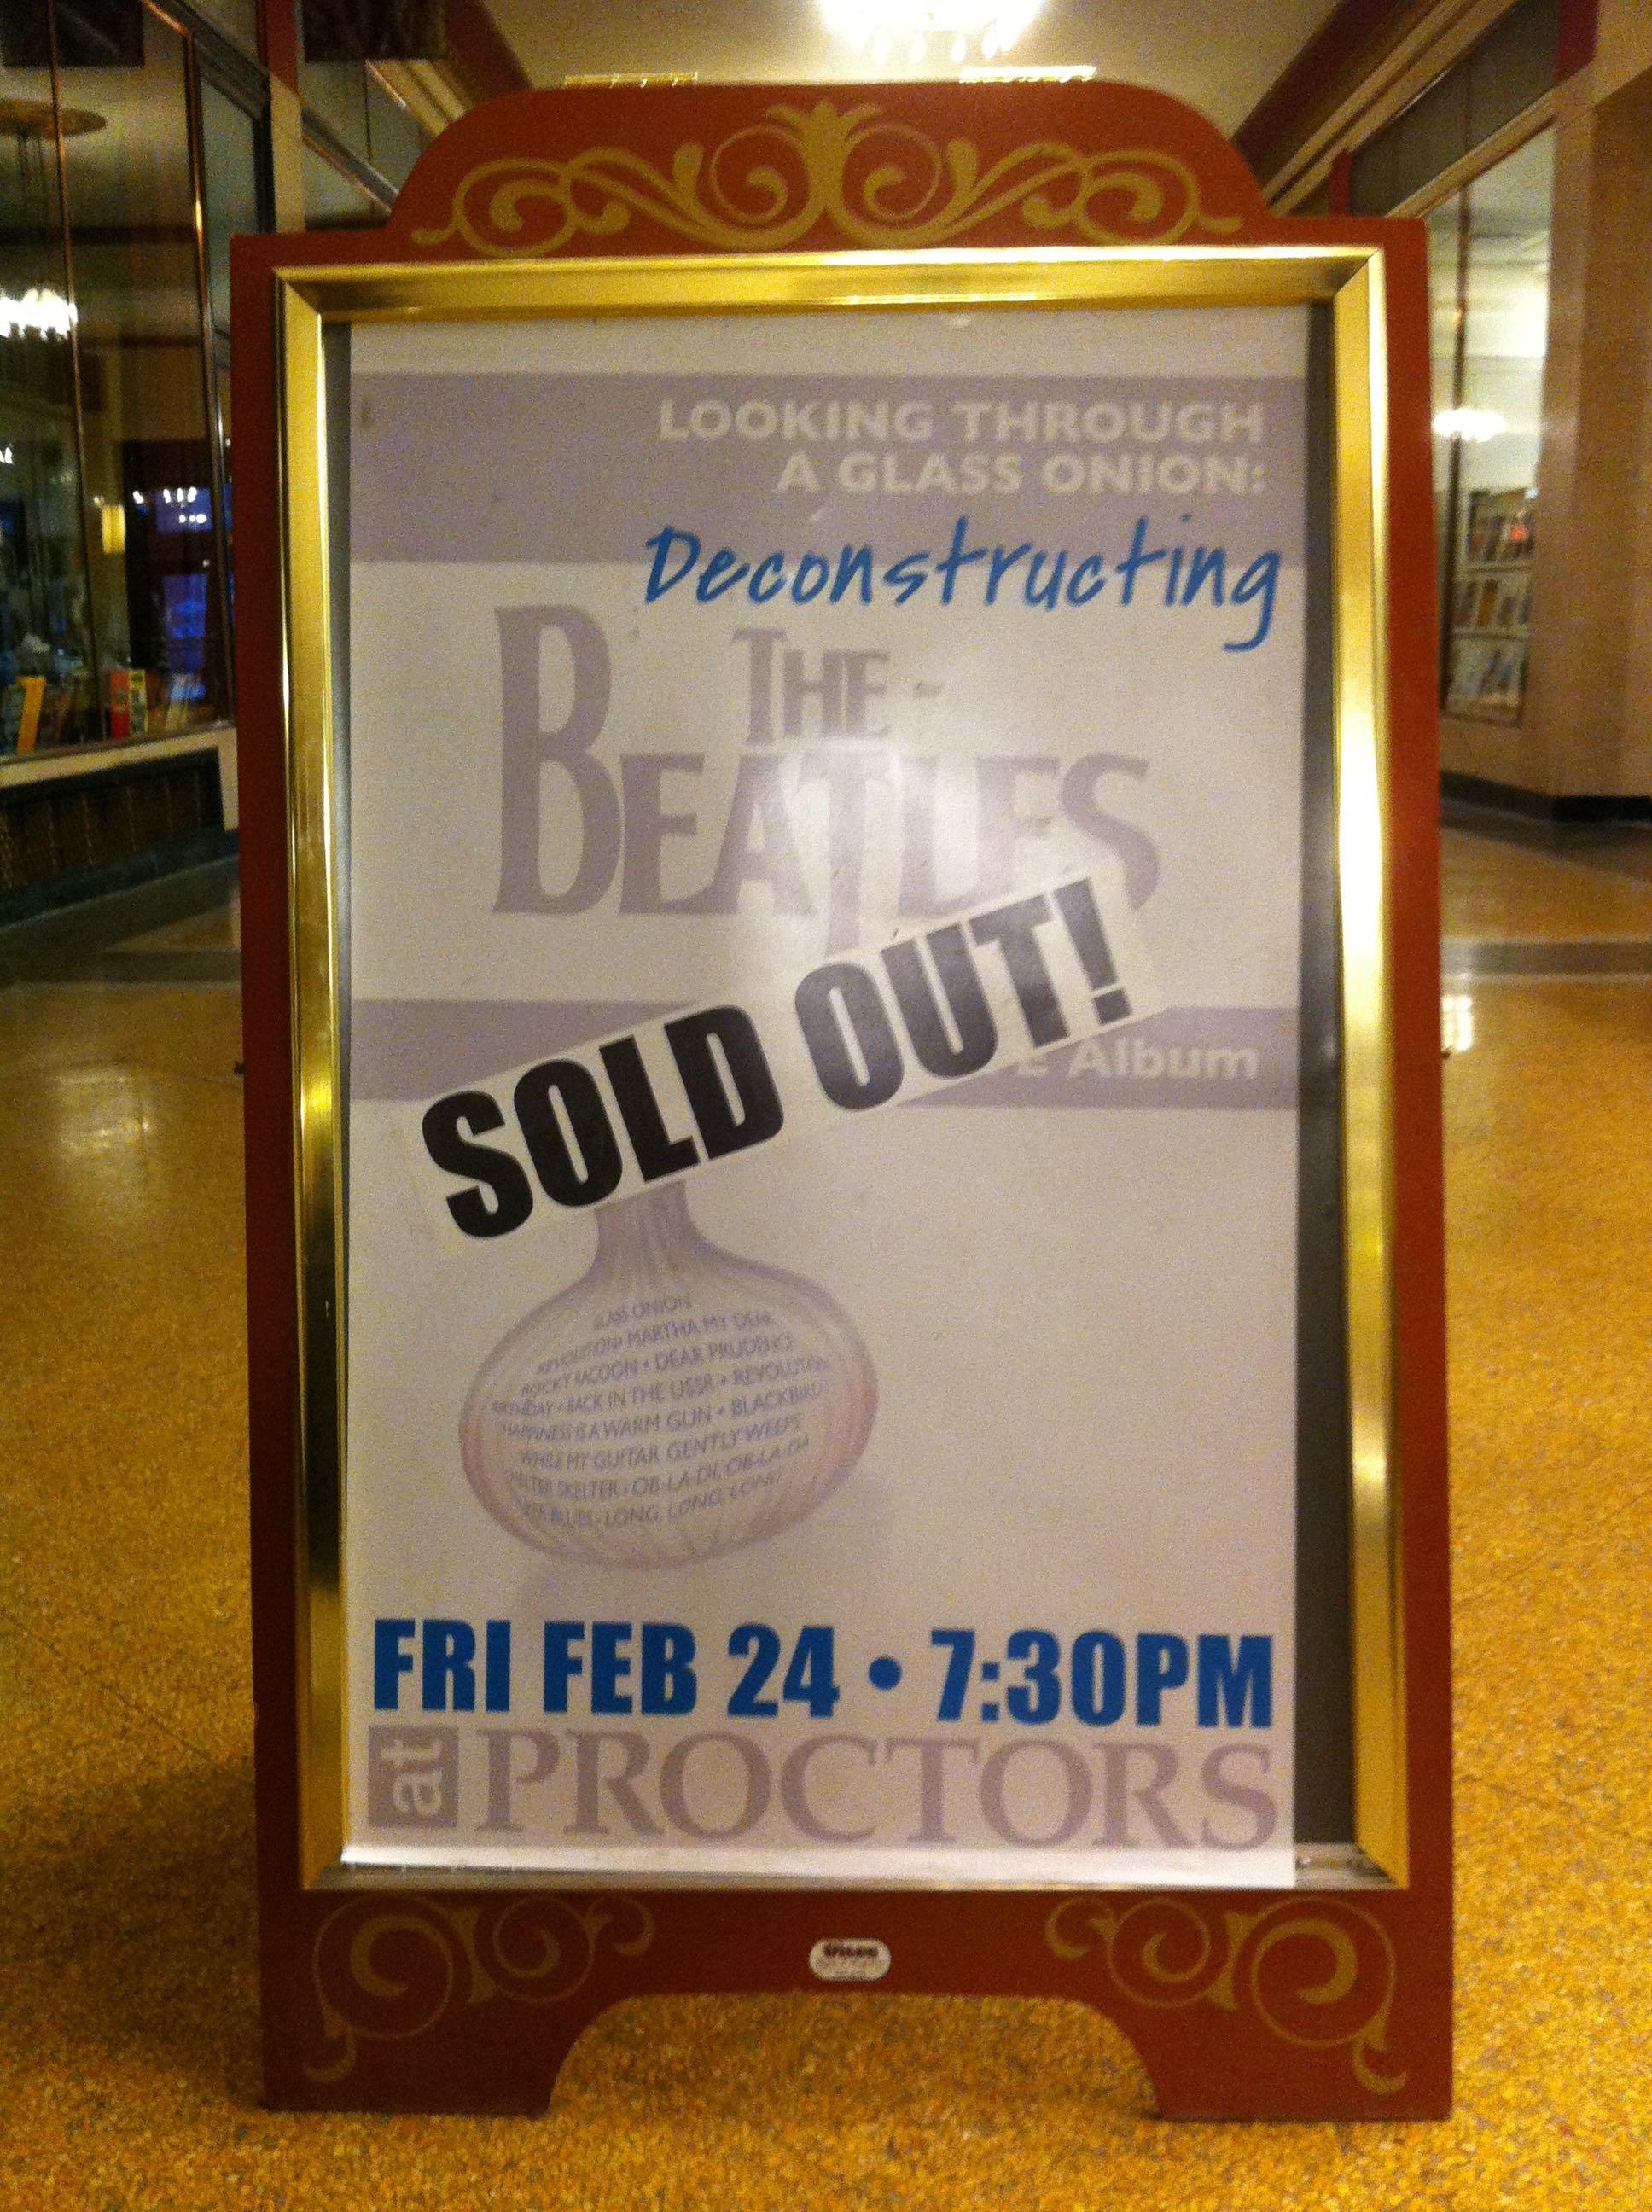 Proctors - Feb., 2012